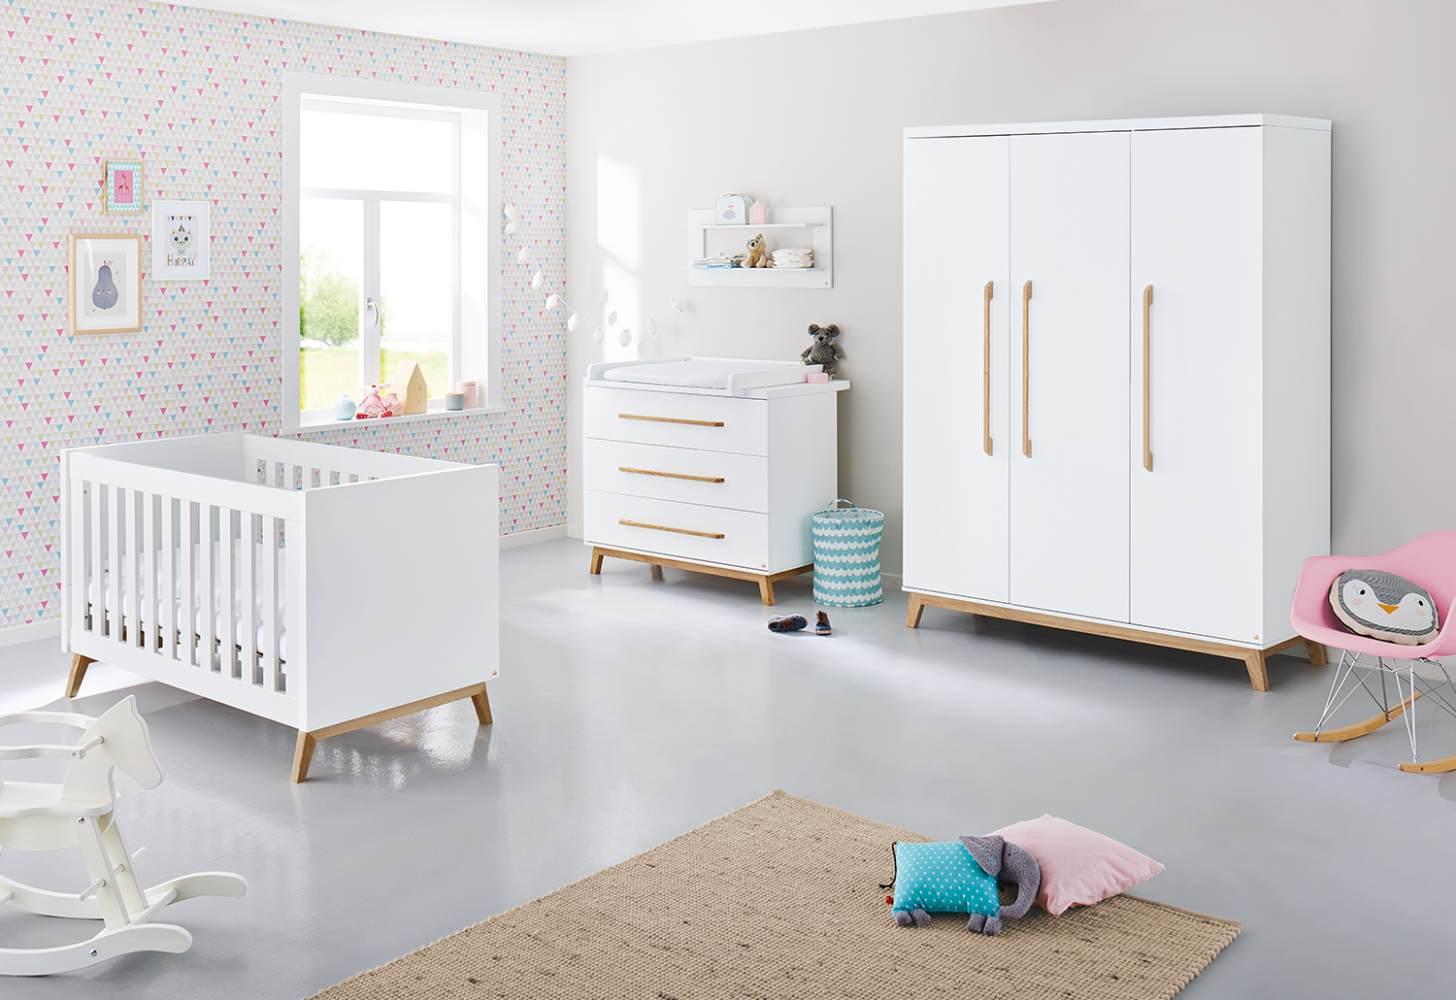 Pinolino 'Riva' 3-tlg. Babyzimmer-Set weiß breit, groß Bild 1